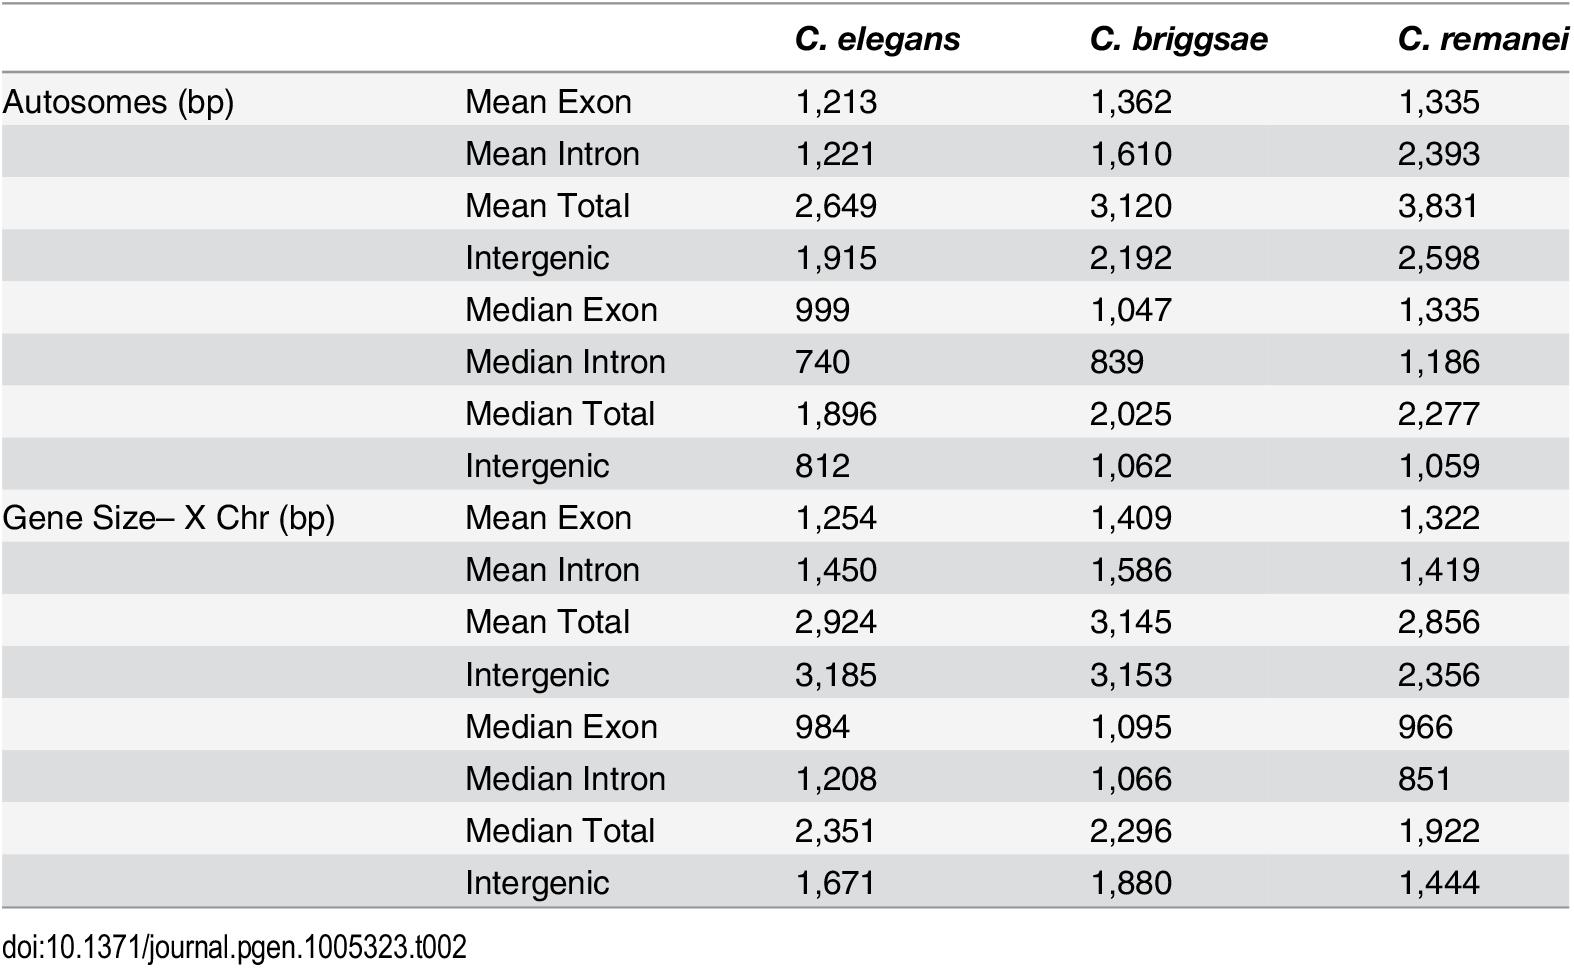 Summary of gene-specific properties across species.